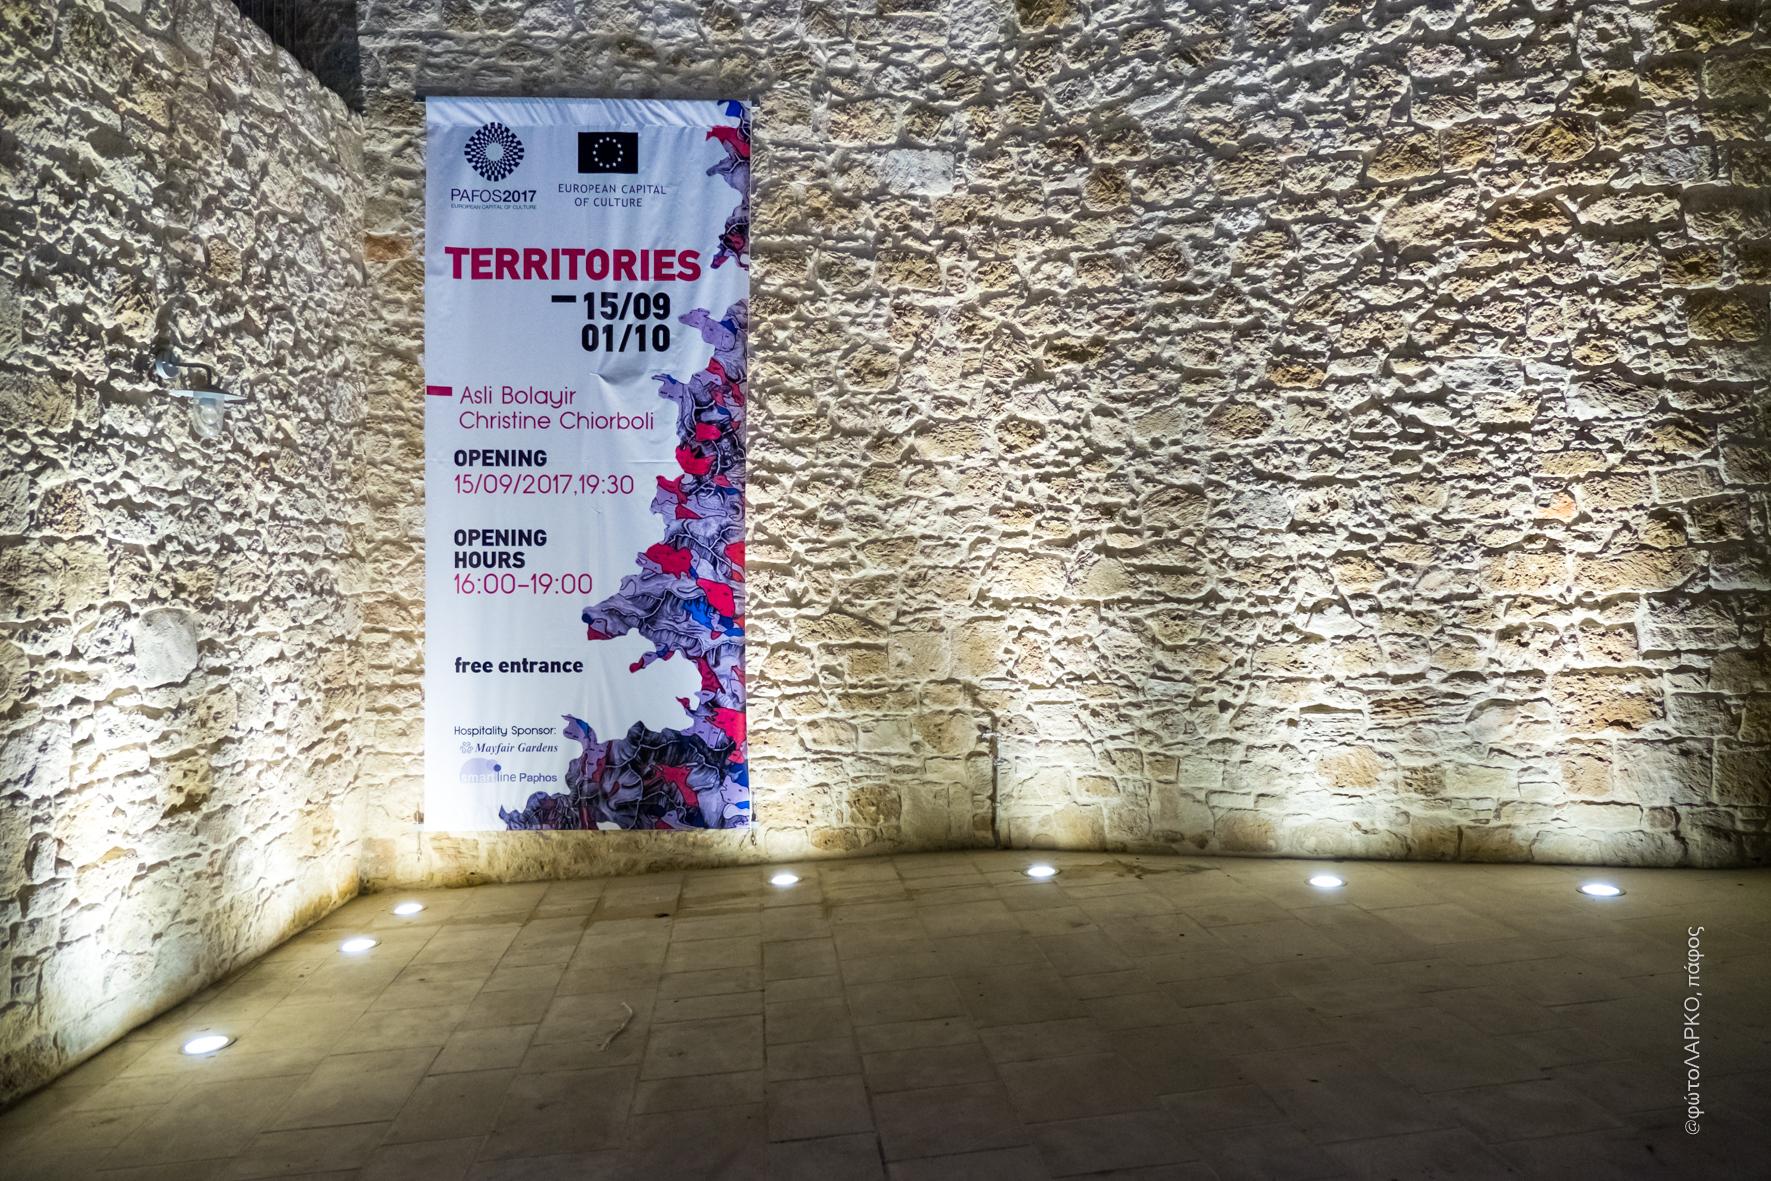 Territoires Pafos 2017